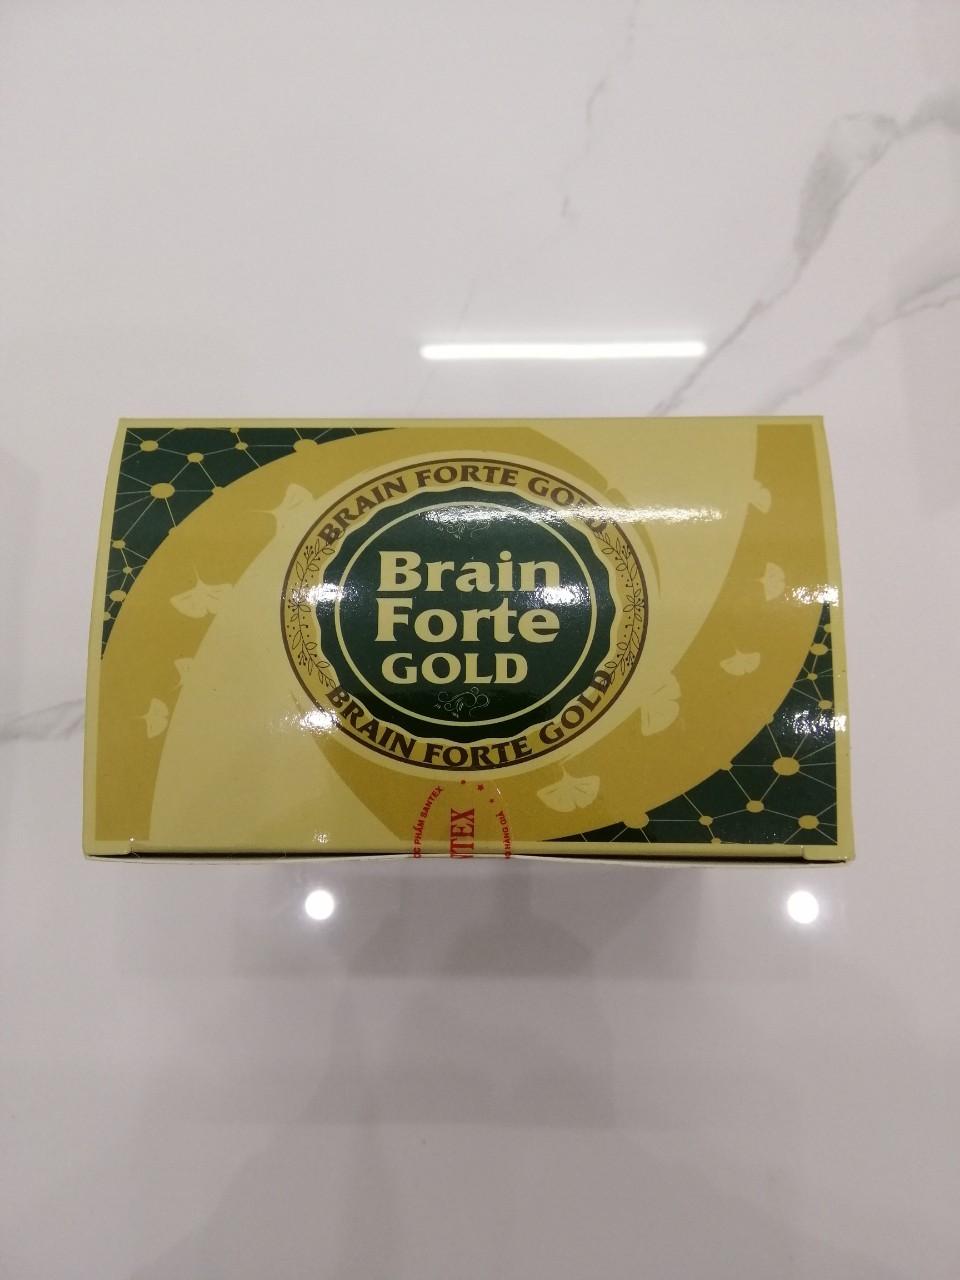 Brinforte Gold2